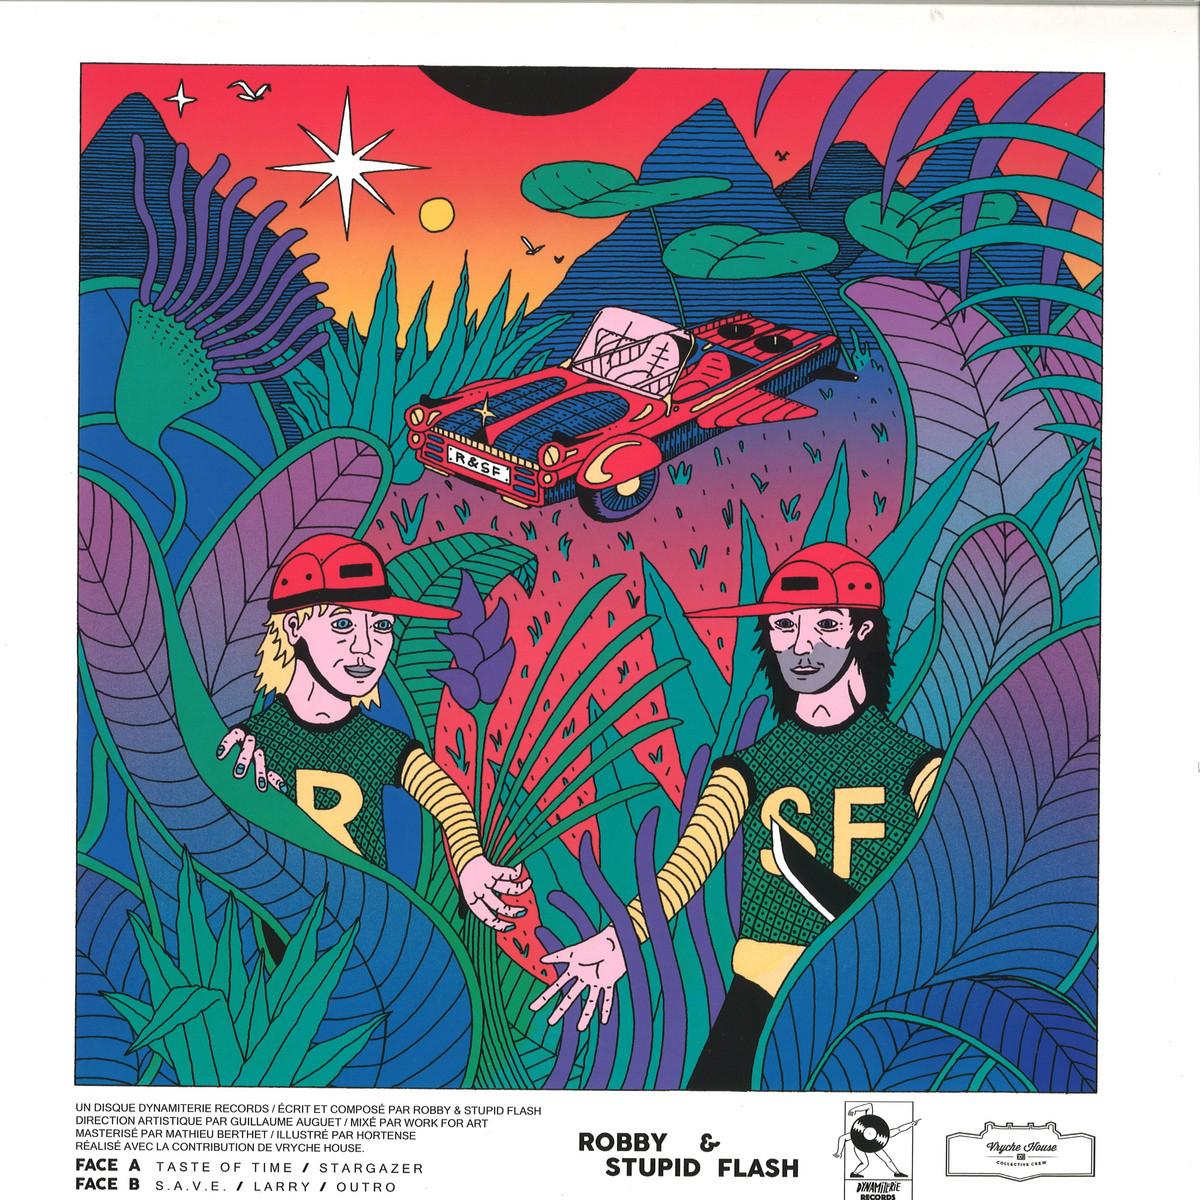 Robby & Stupid Flash - Stargazer / Dynamiterie Records